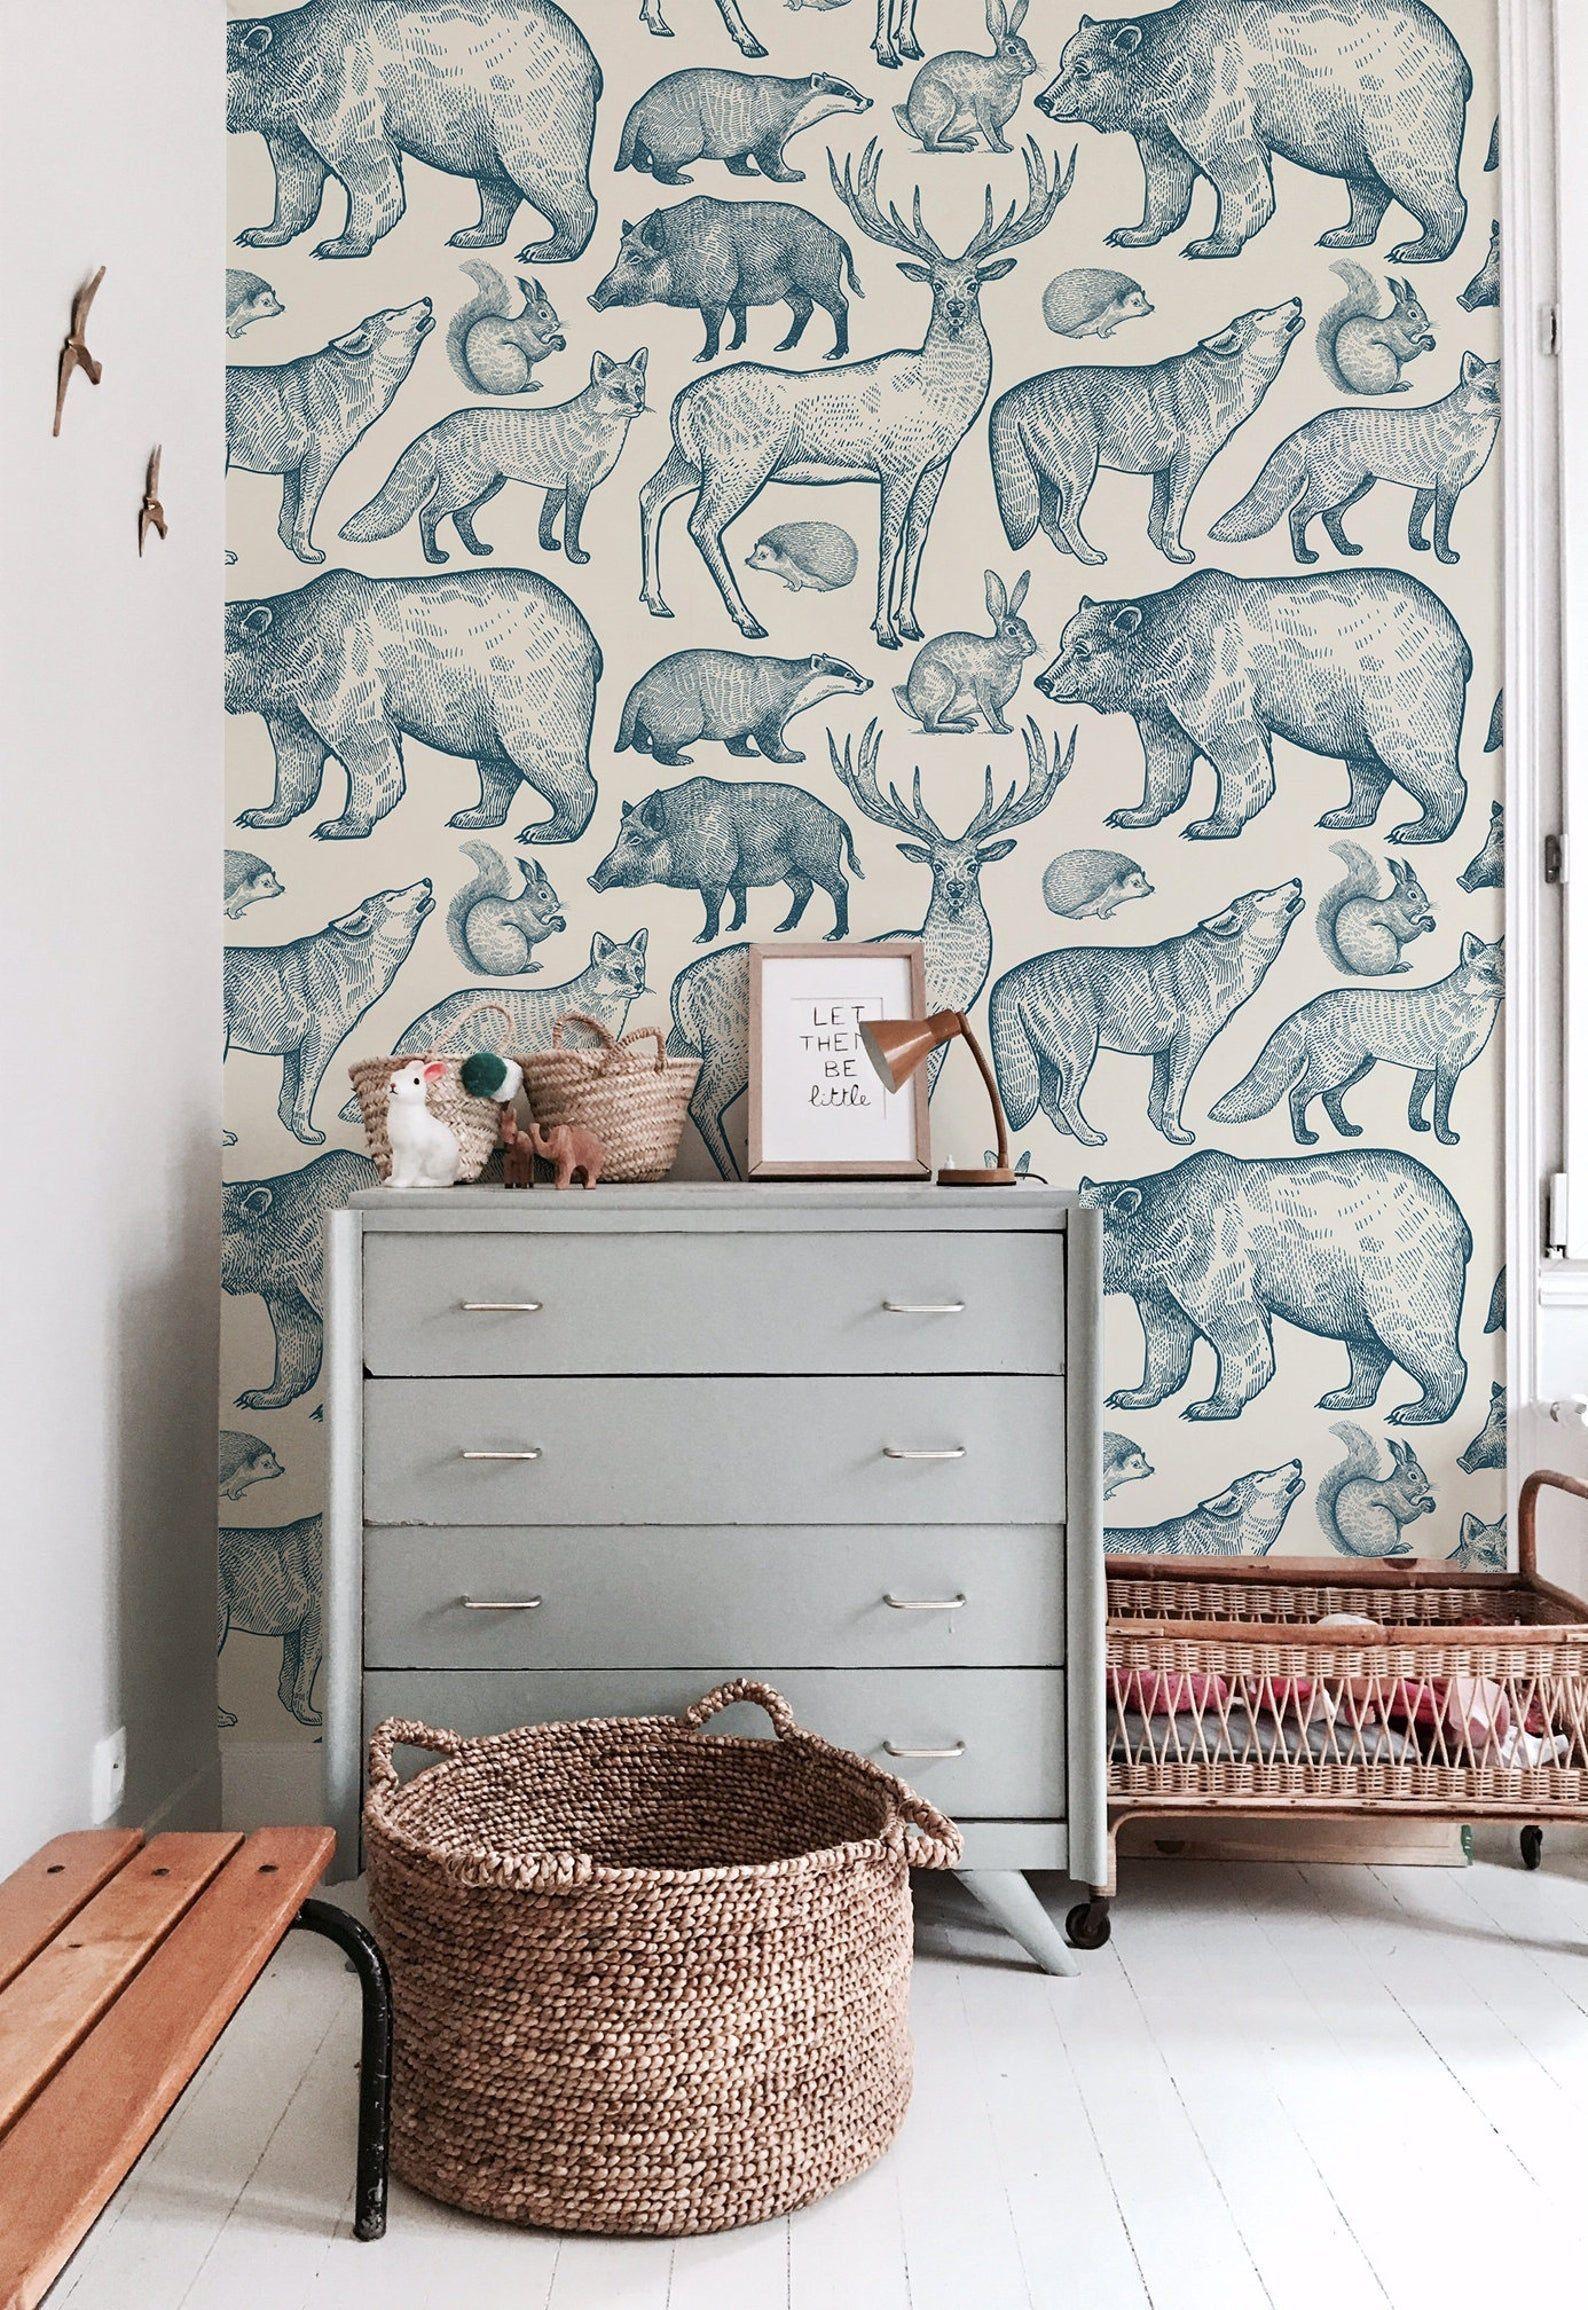 Pin On Kids Bedrooms Unisex bedroom wallpaper ideas